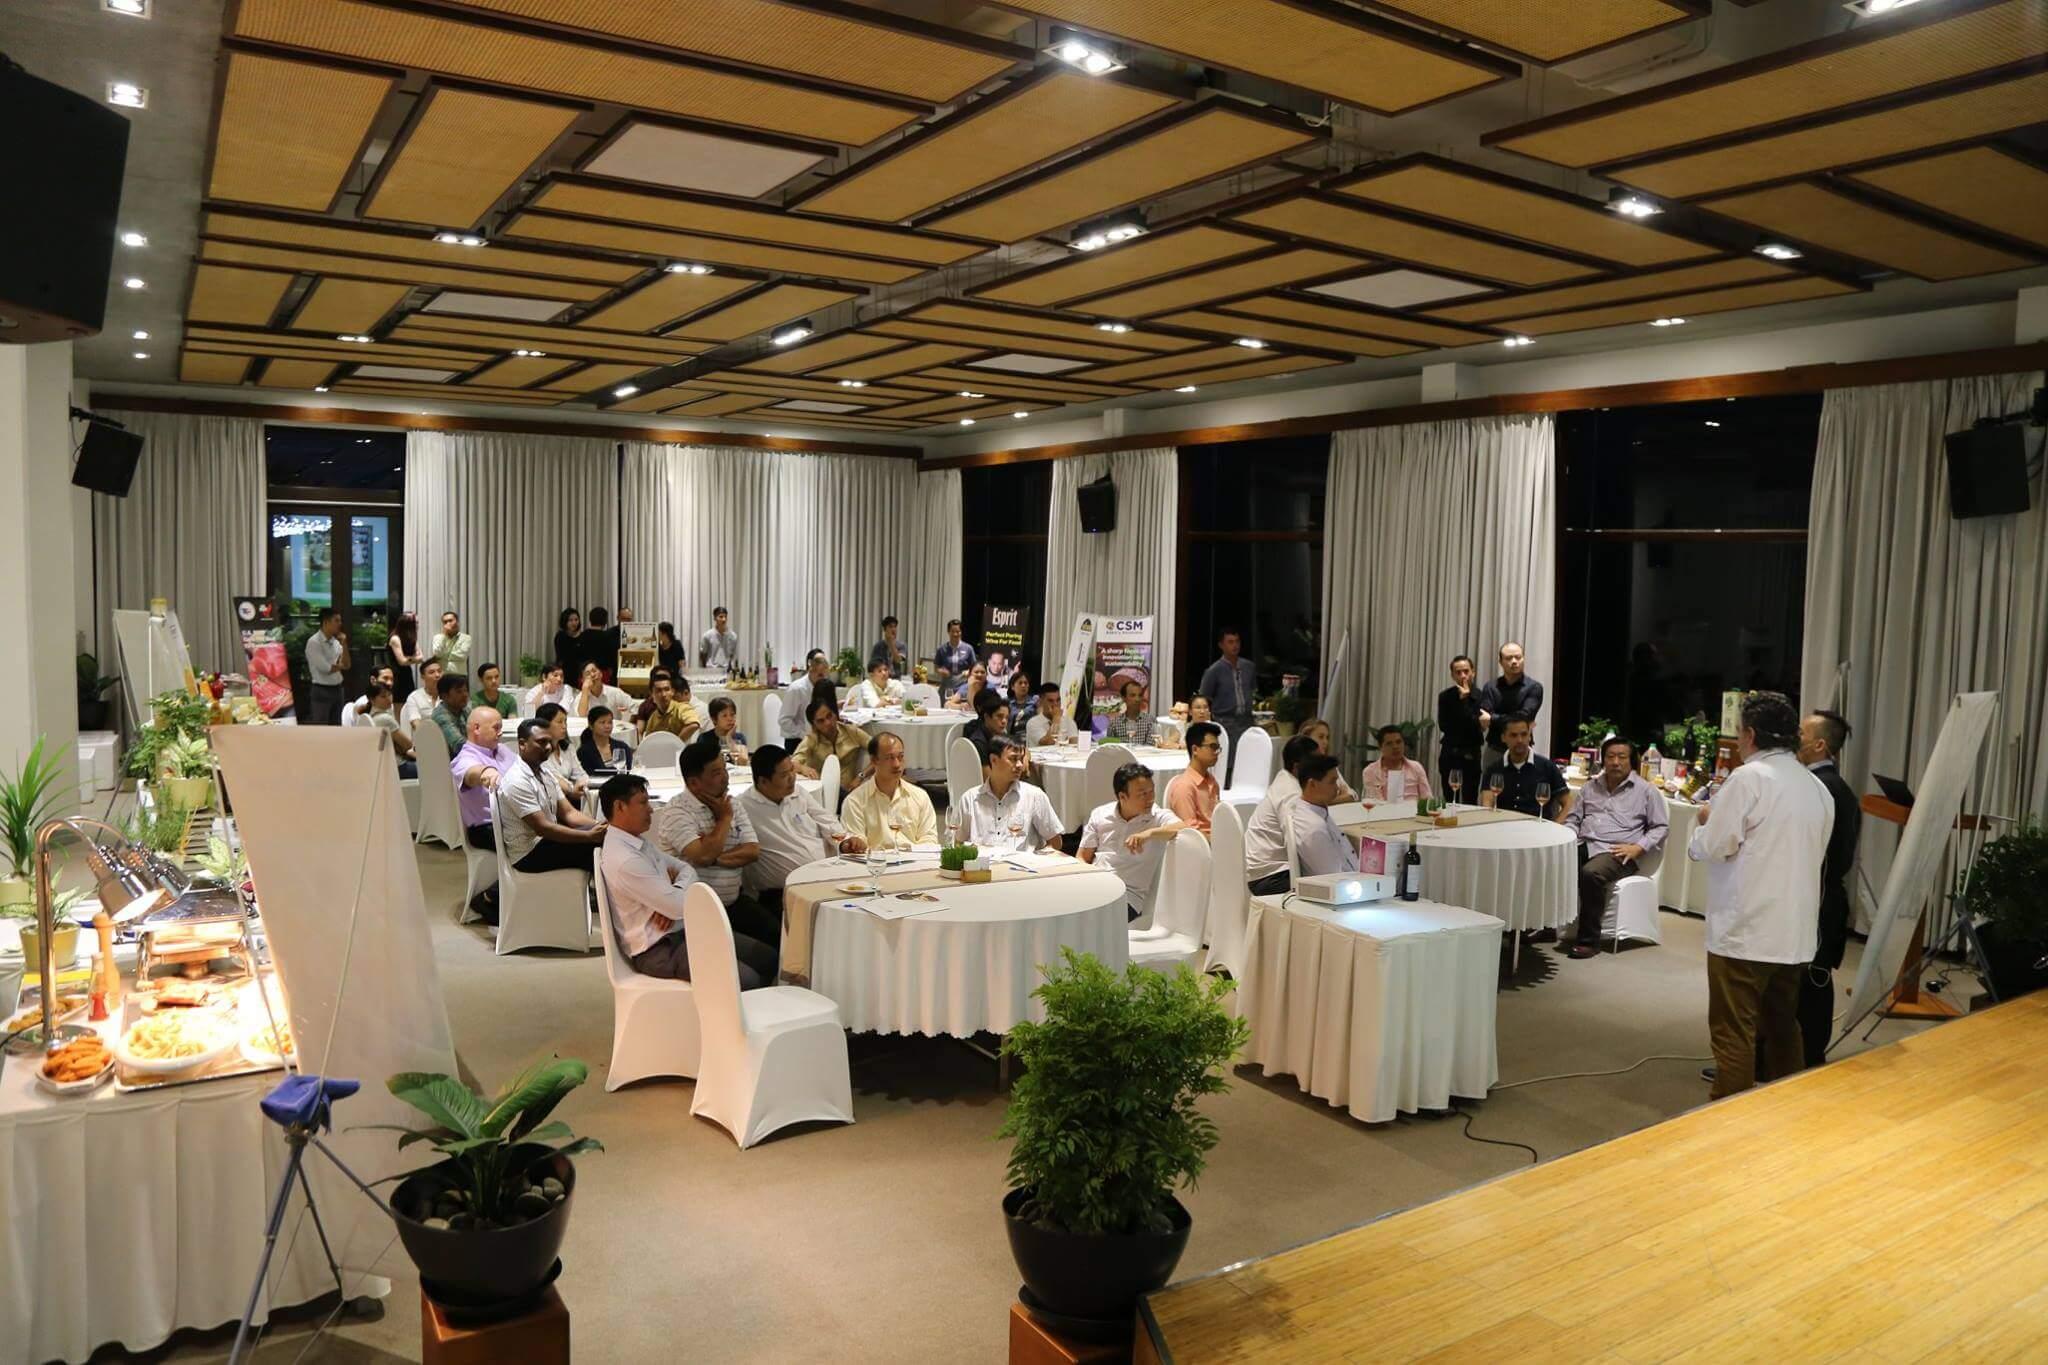 Sự kiện dành cho Bếp chuyên nghiệp tại Phan Thiết